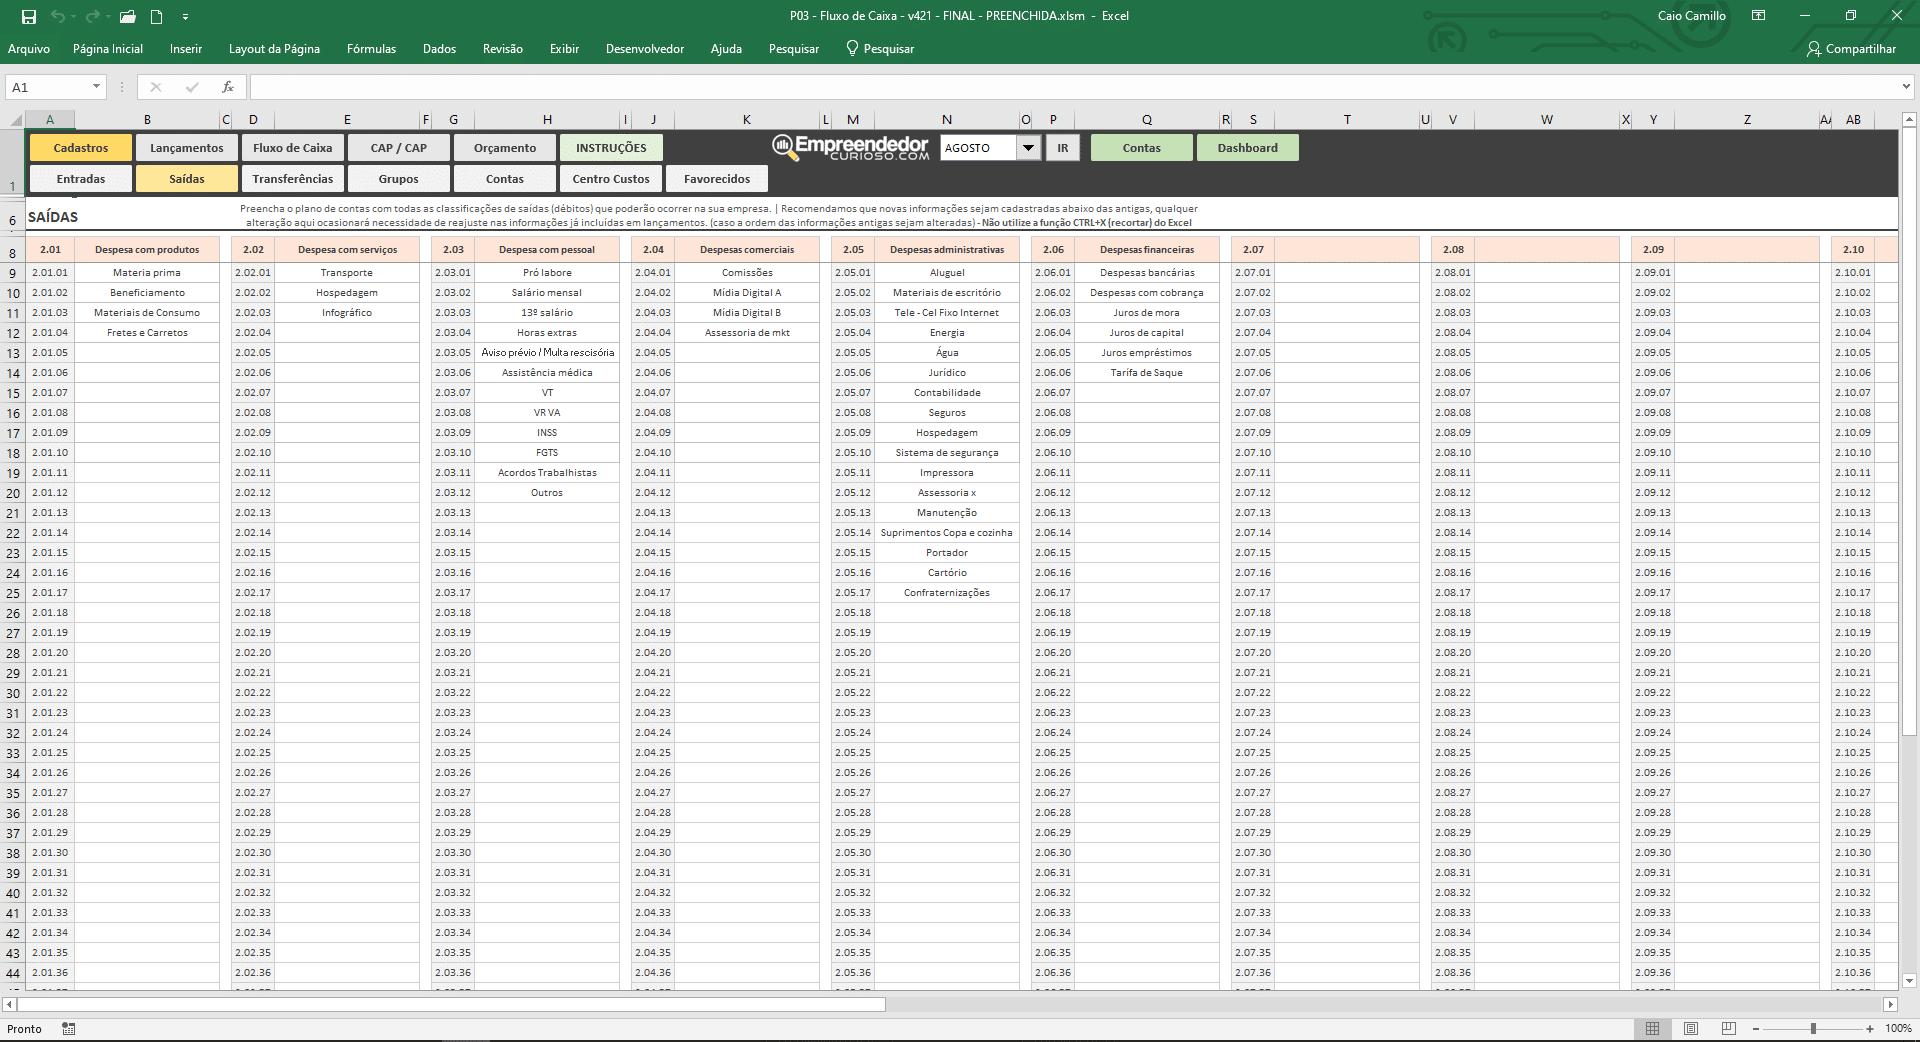 Planilha de fluxo de caixa - Configuração de Plano de contas e classificação financeira